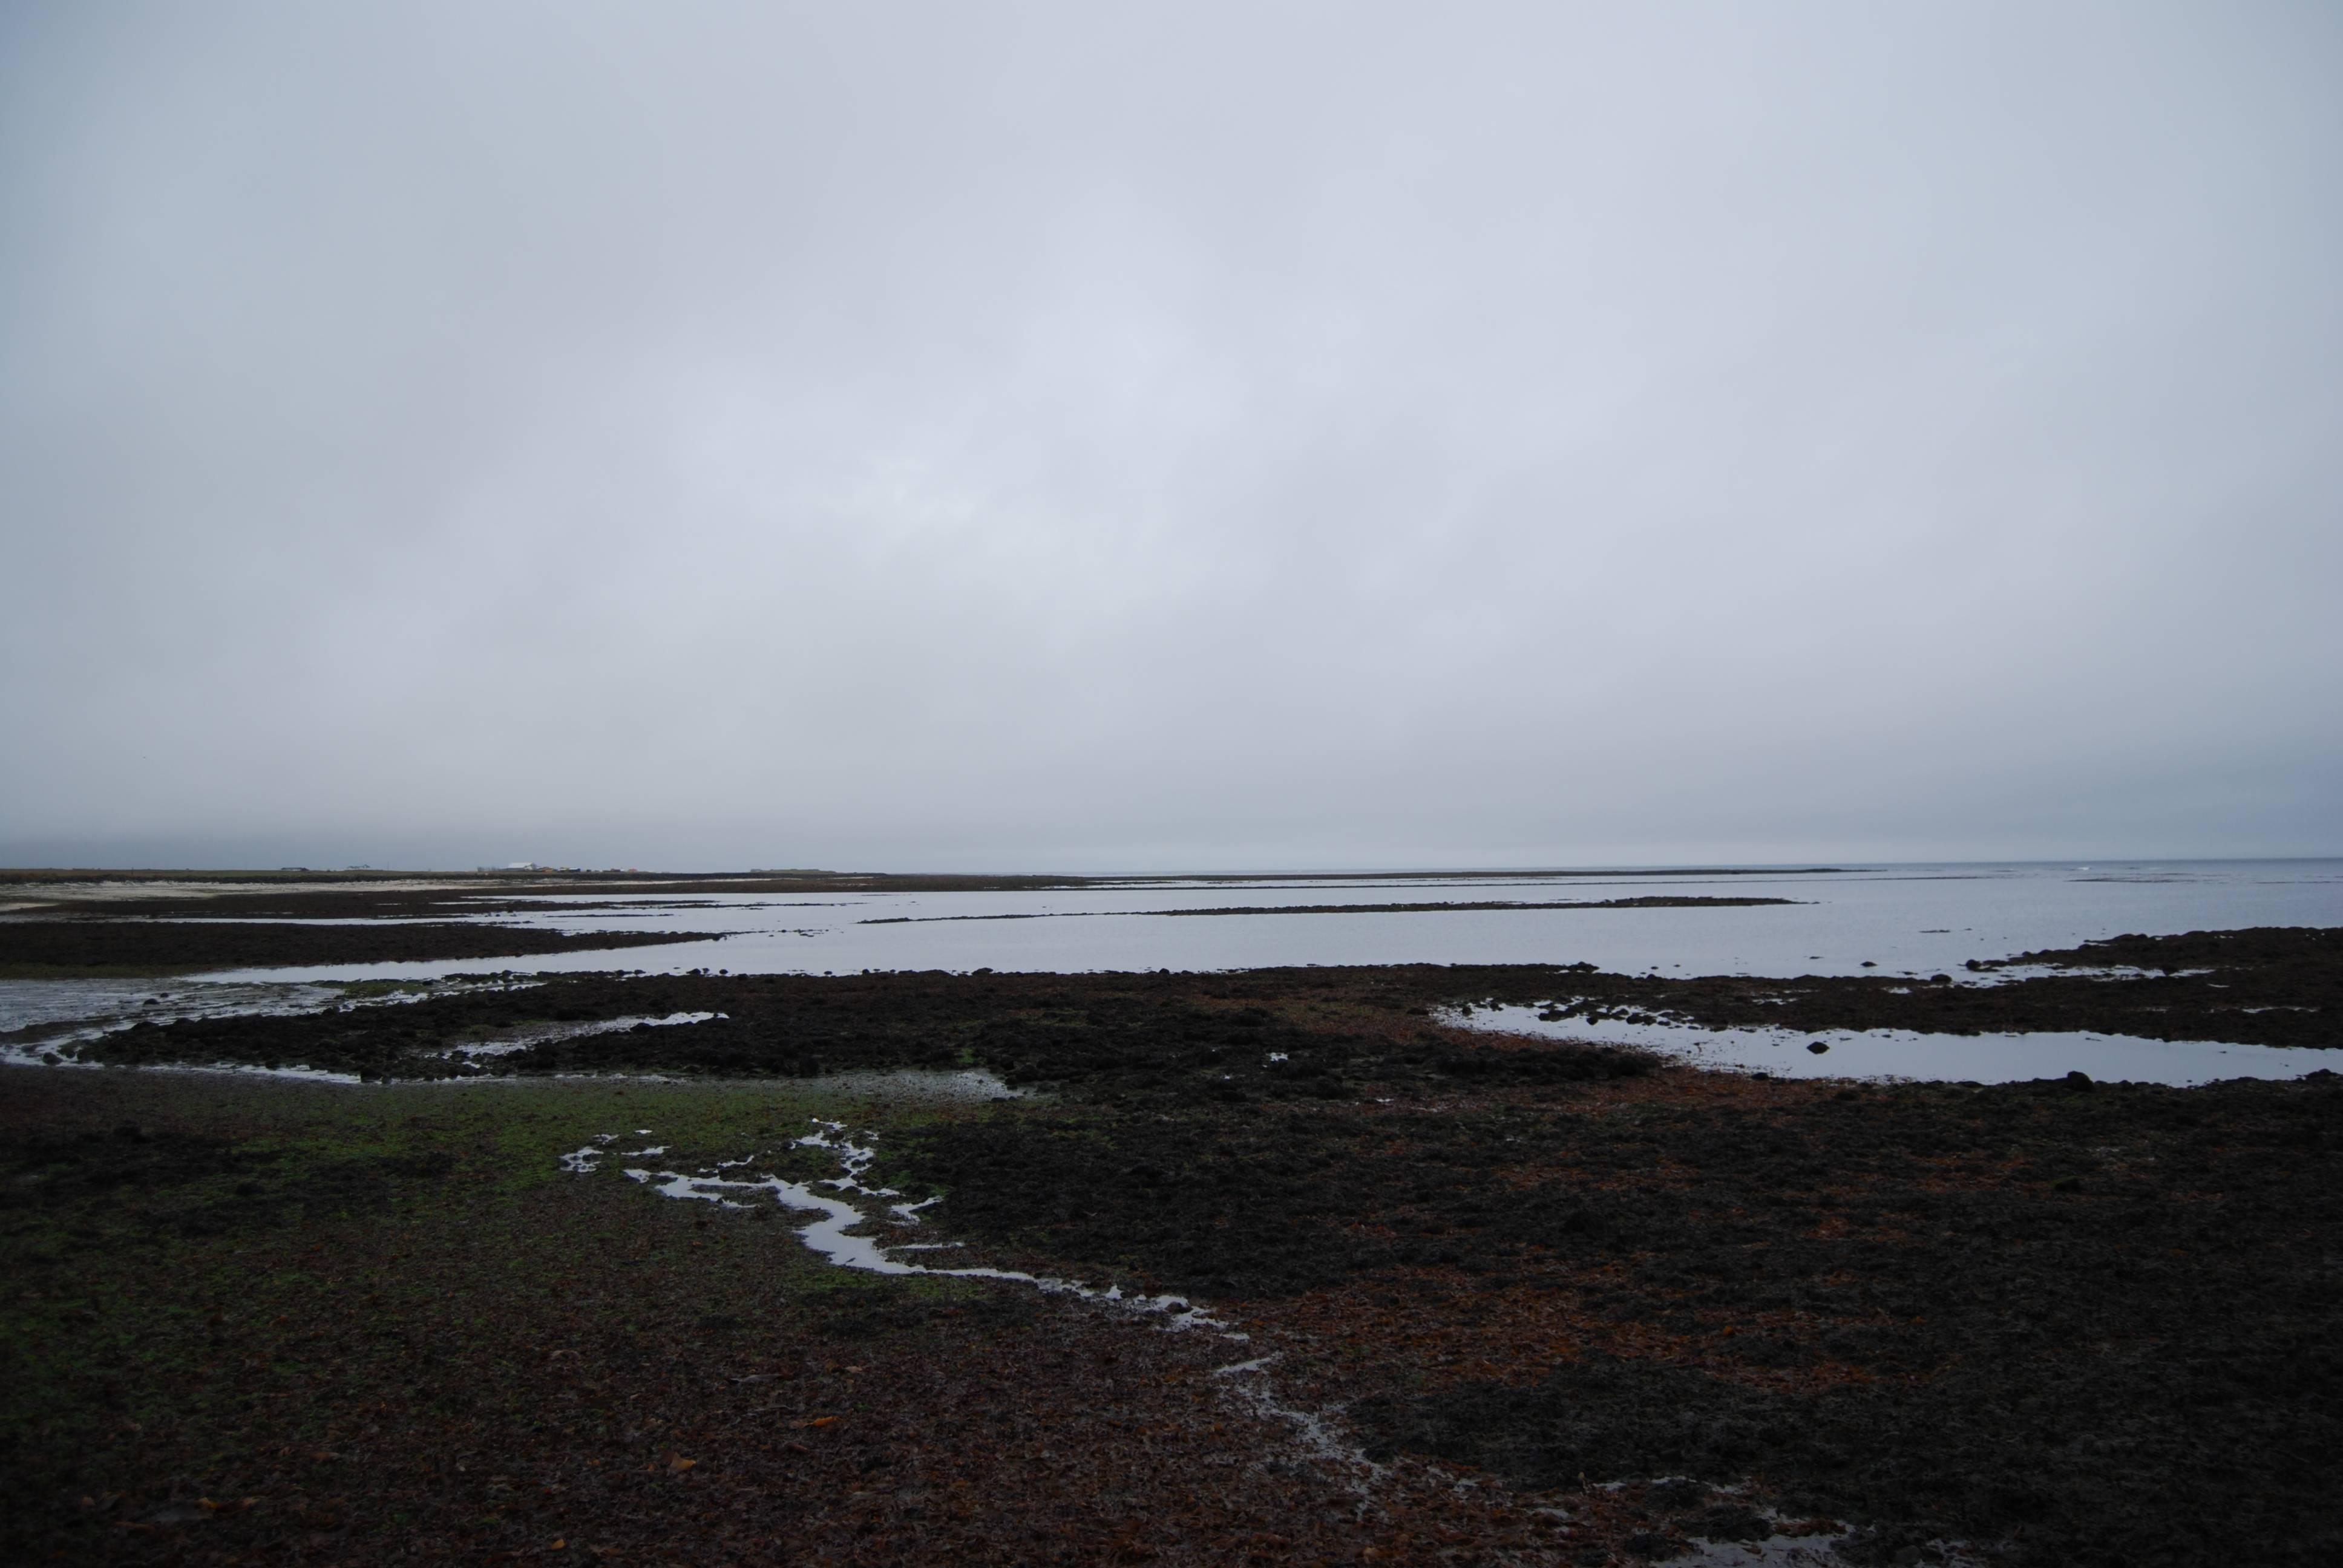 Photo 1: La péninsule de Reykjanes